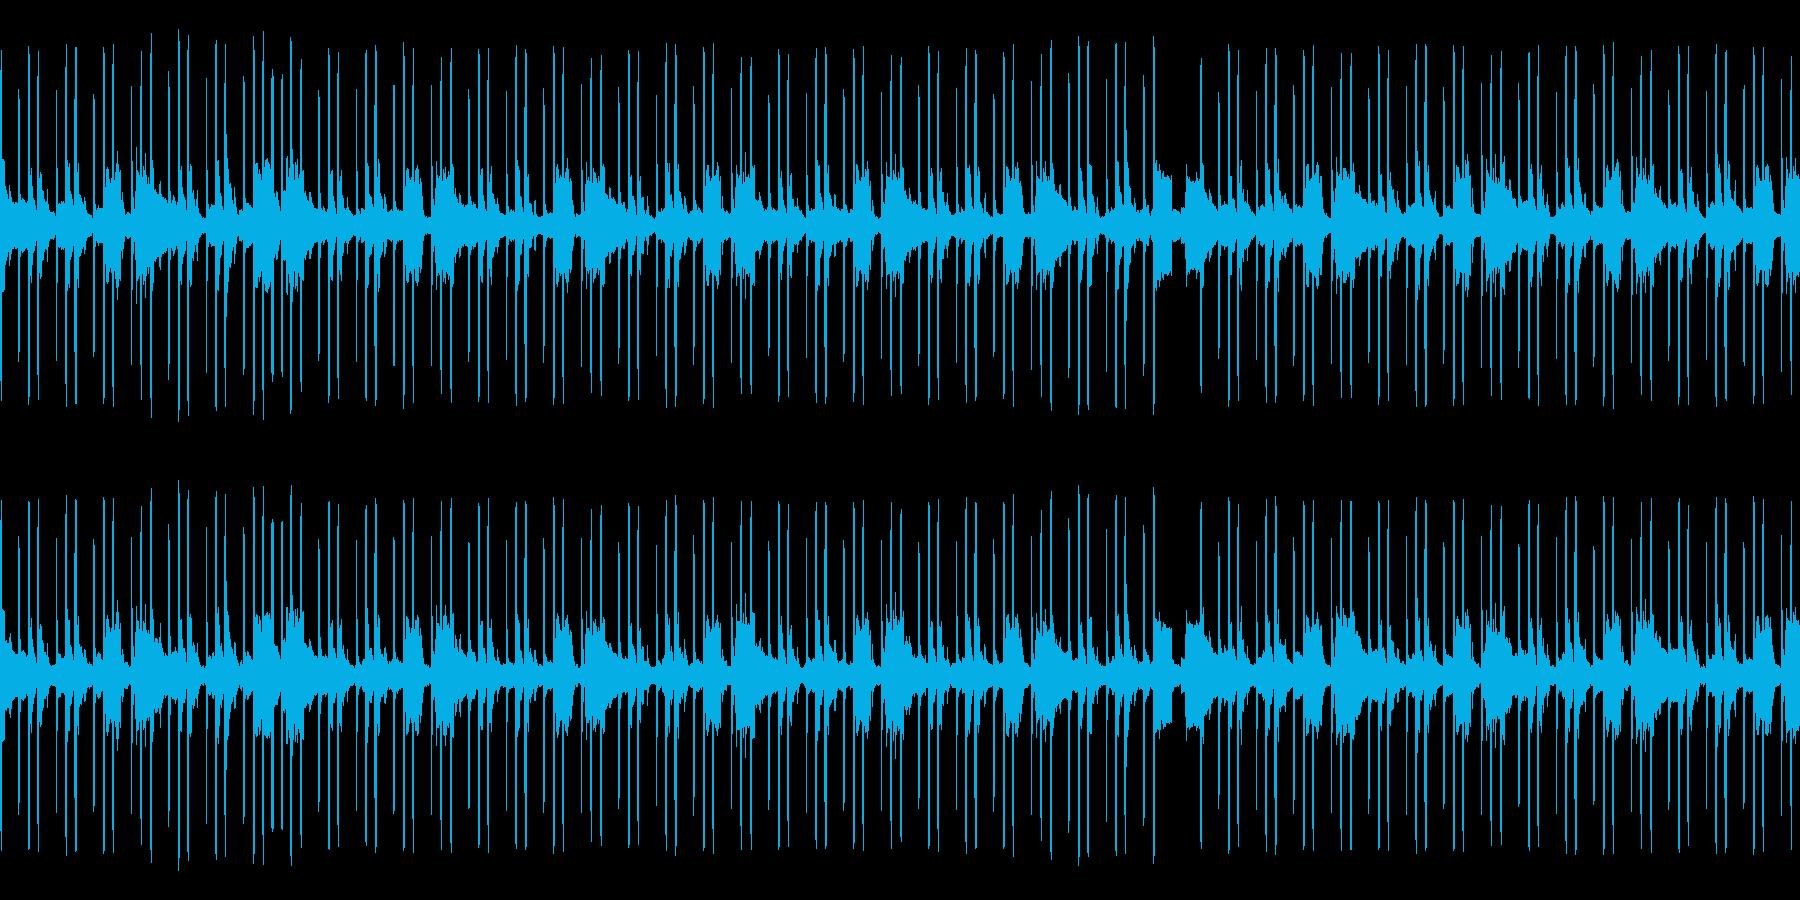 【暗い】ダーク 悪い ヒップホップの再生済みの波形